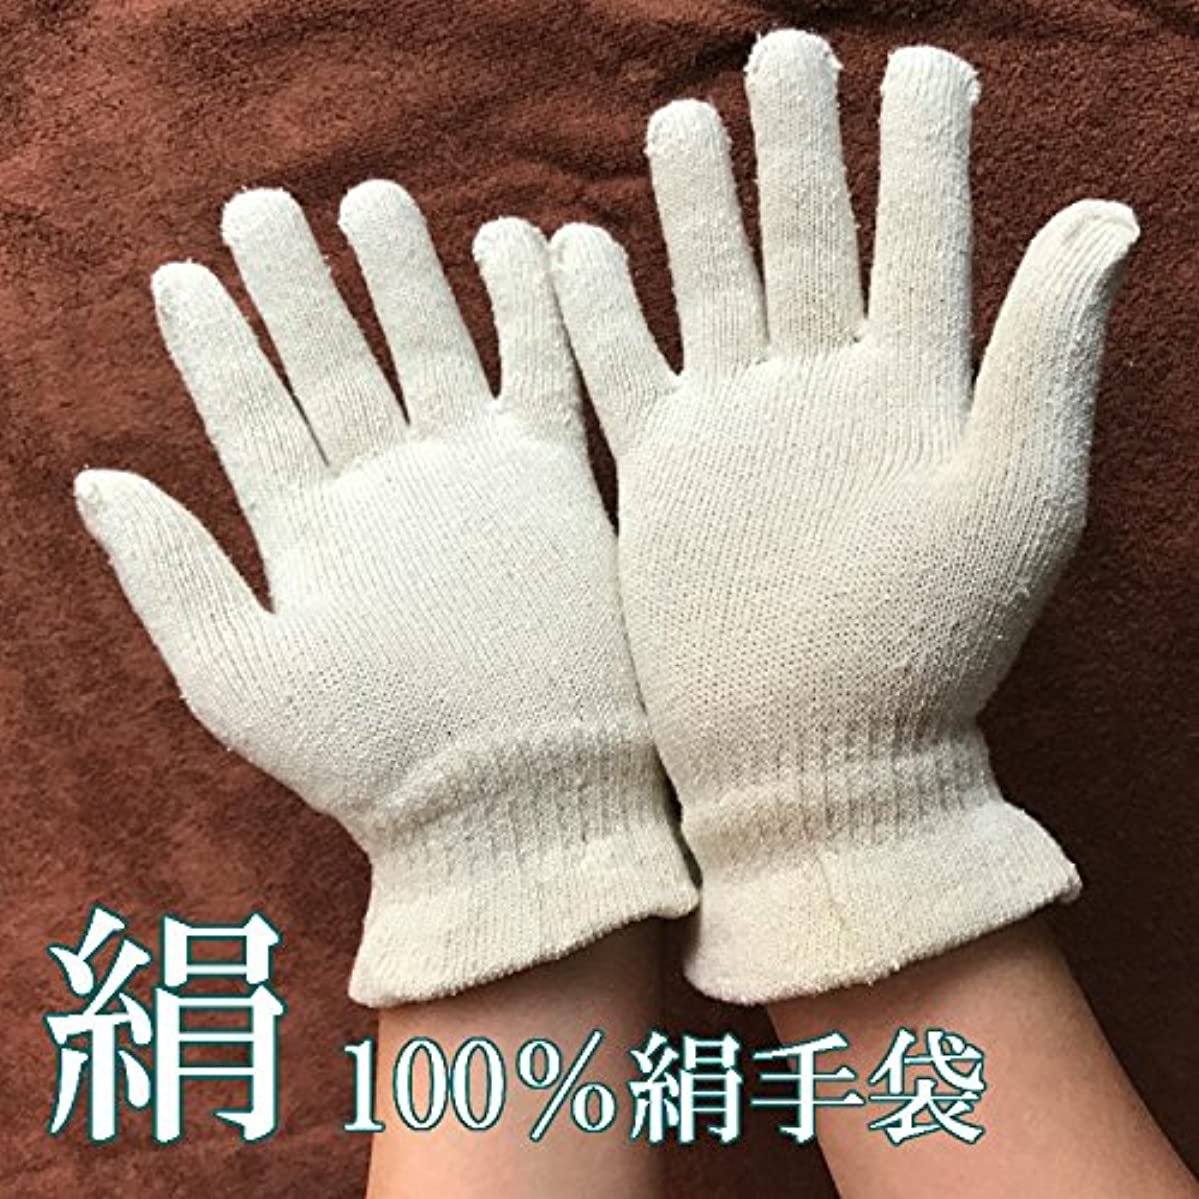 場合いいね不毛絹手袋 シルク手袋 ガルシャナ アーユルヴェーダ